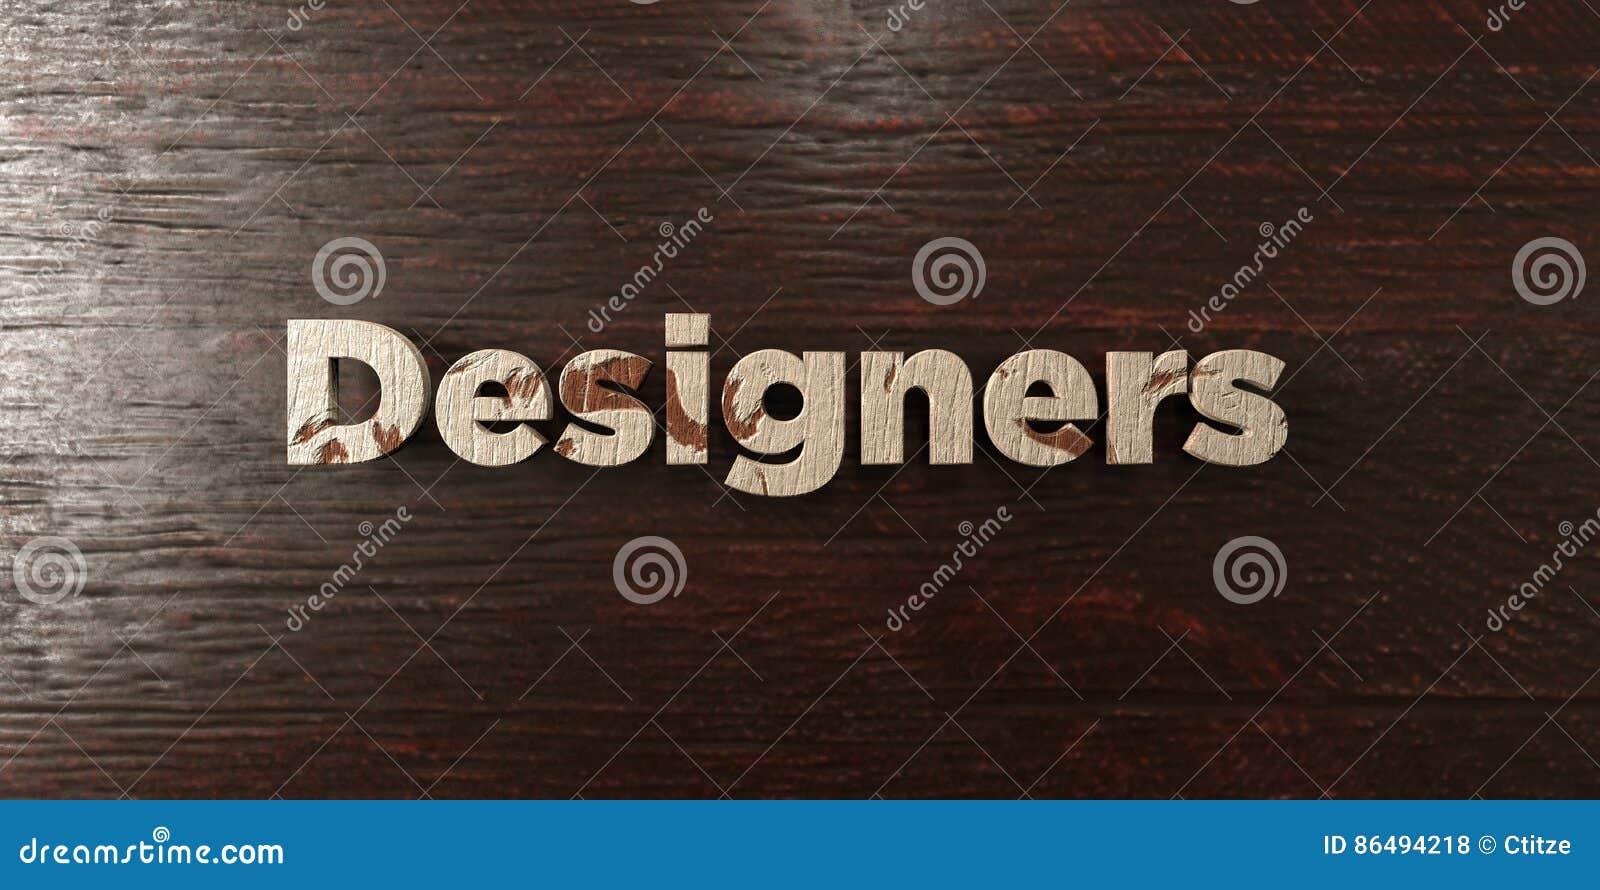 Formgivare - grungy trärubrik på lönn - 3D framförd fri materielbild för royalty